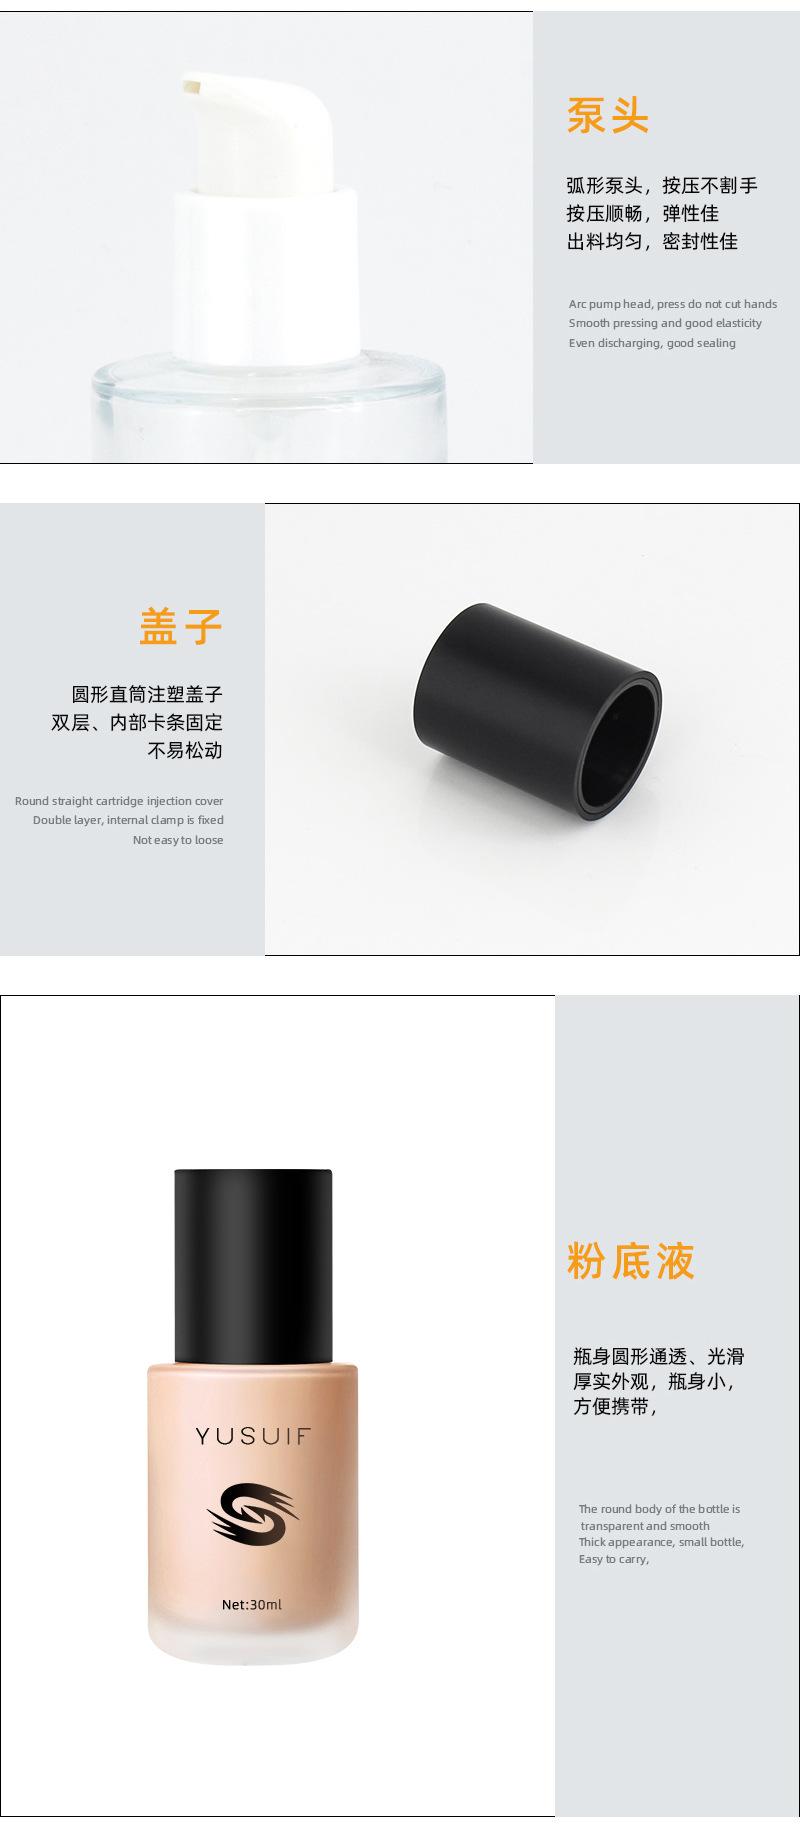 S-DC001圆形粉底液瓶产品细节